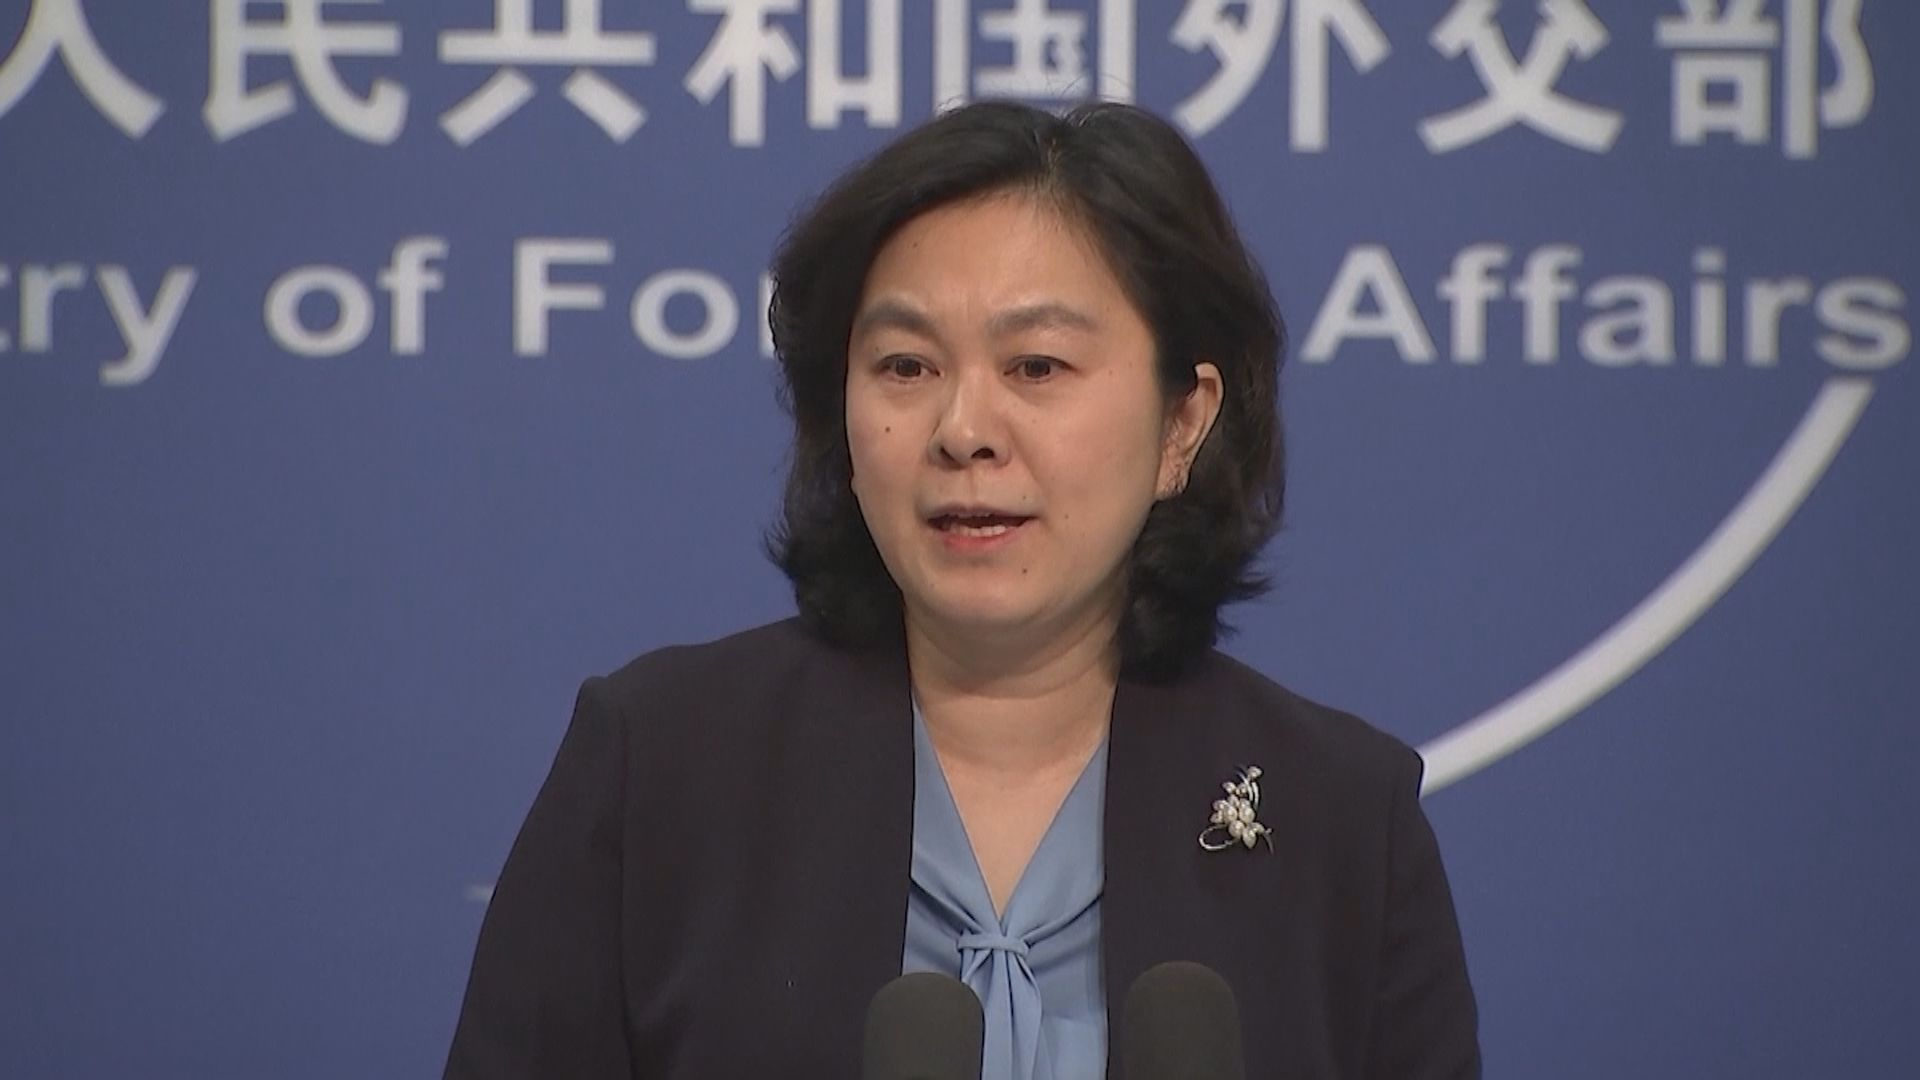 華春瑩:美國政客言論及所作所為實在是無恥、無德